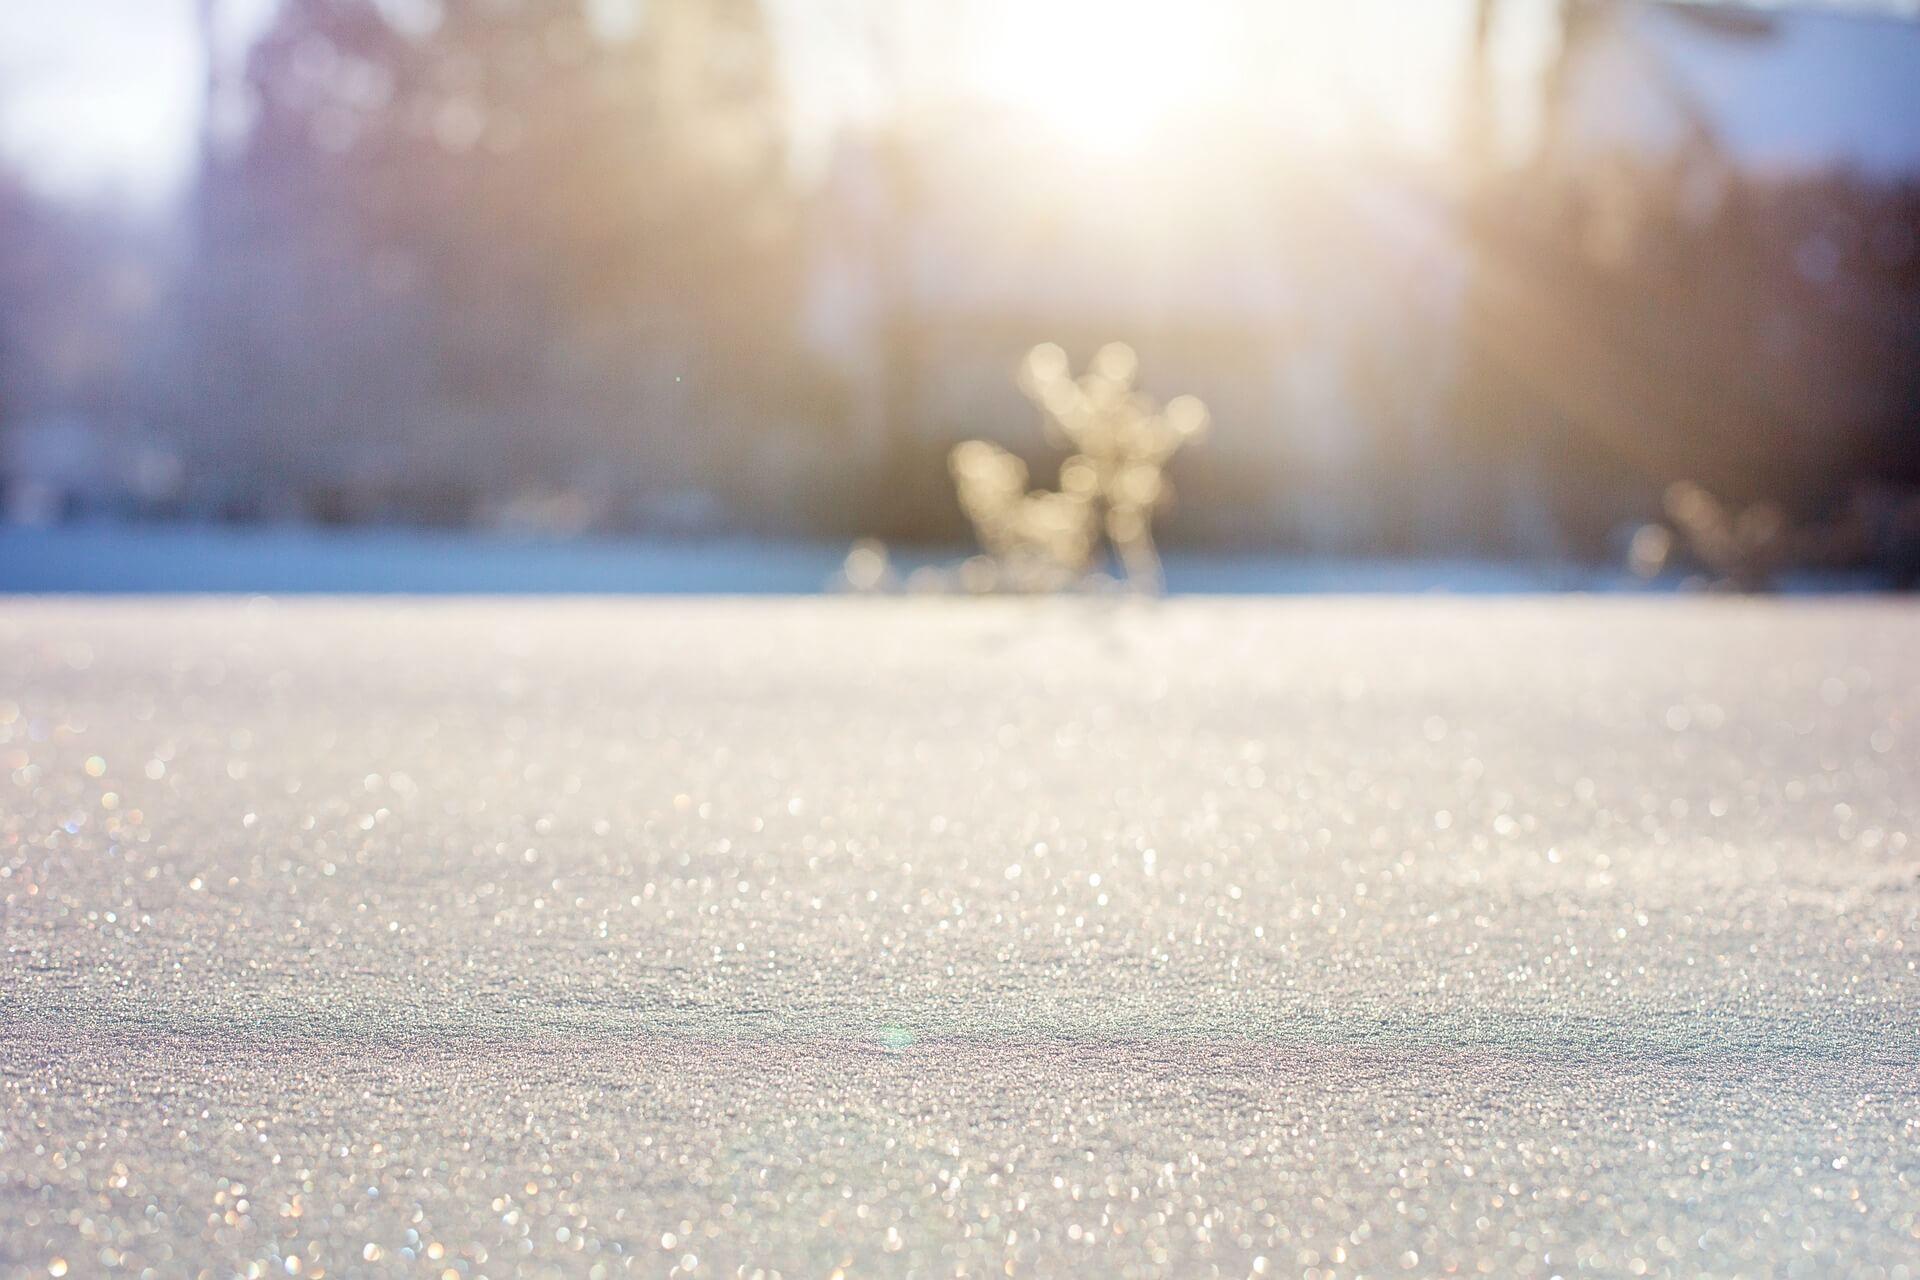 Raus in den Schnee!